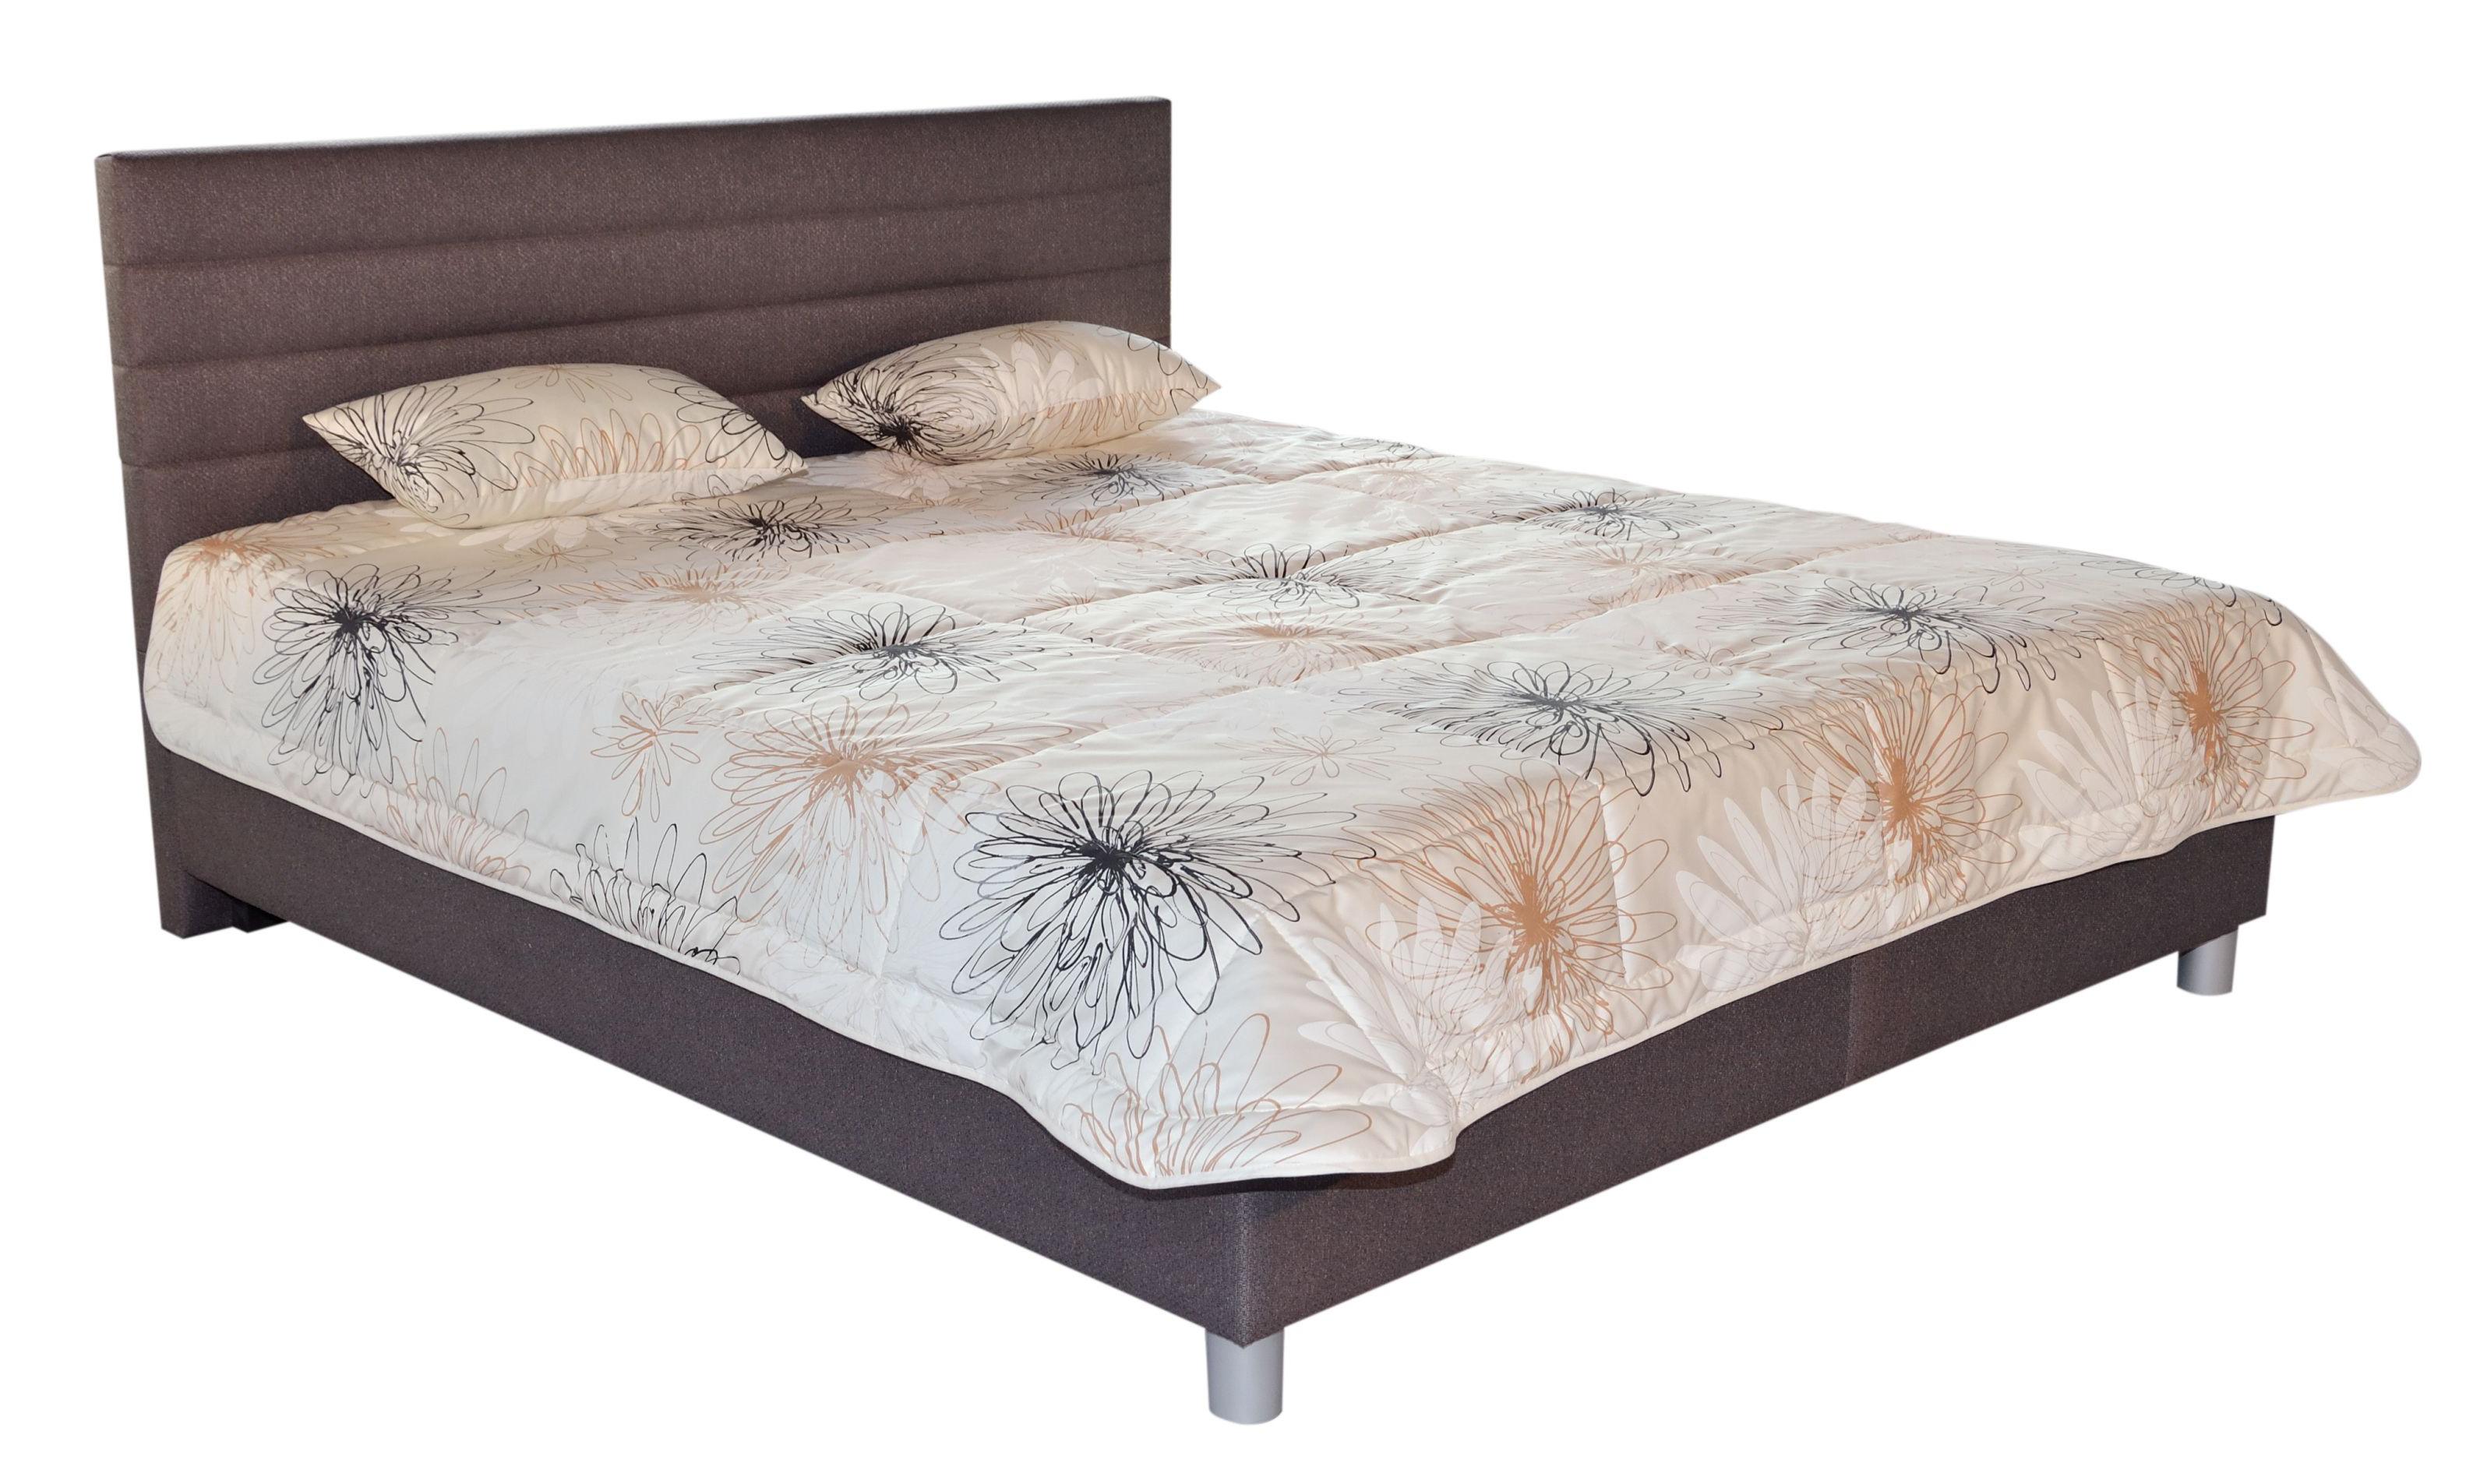 Manželská postel 180 cm - Blanář - Mirka (s rošty a matracemi)